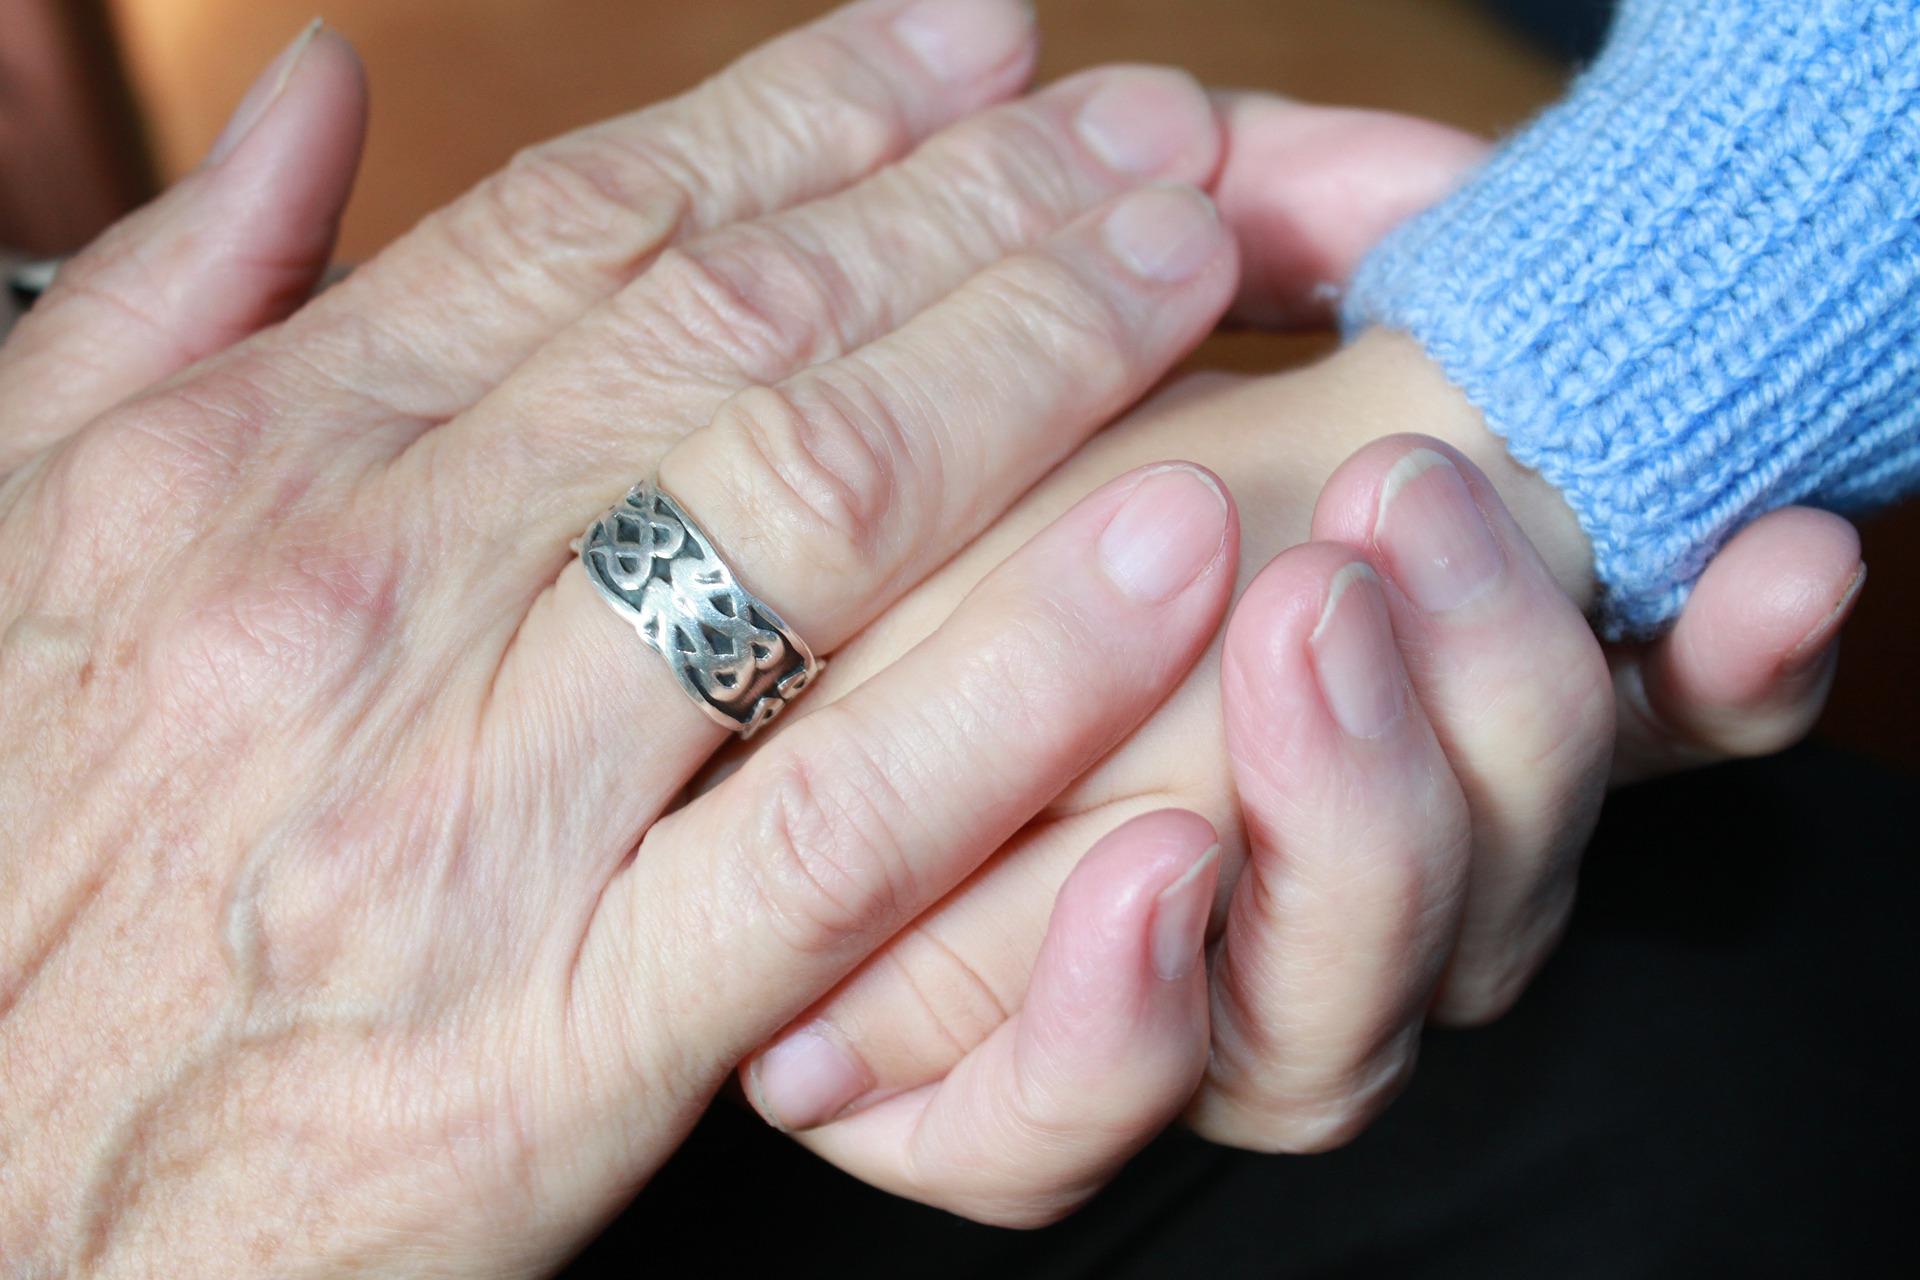 mano anziano che tiene mano bambino